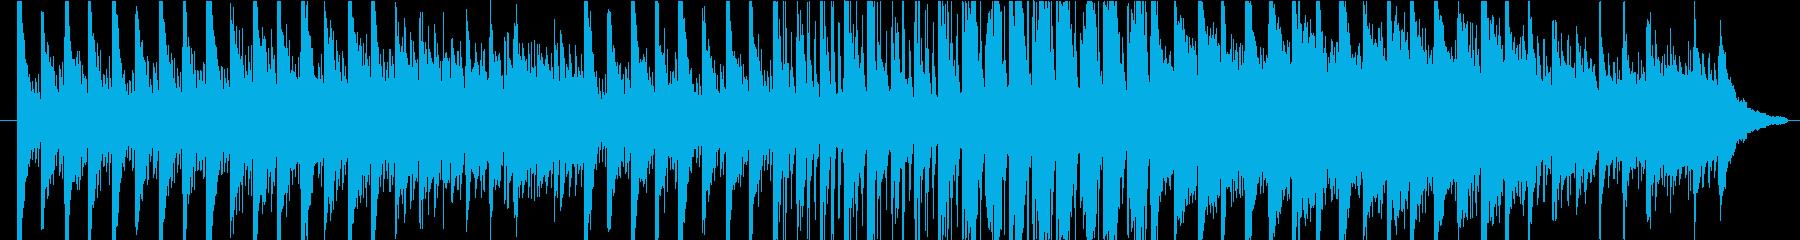 力強い音色が綺麗なメロディーの再生済みの波形